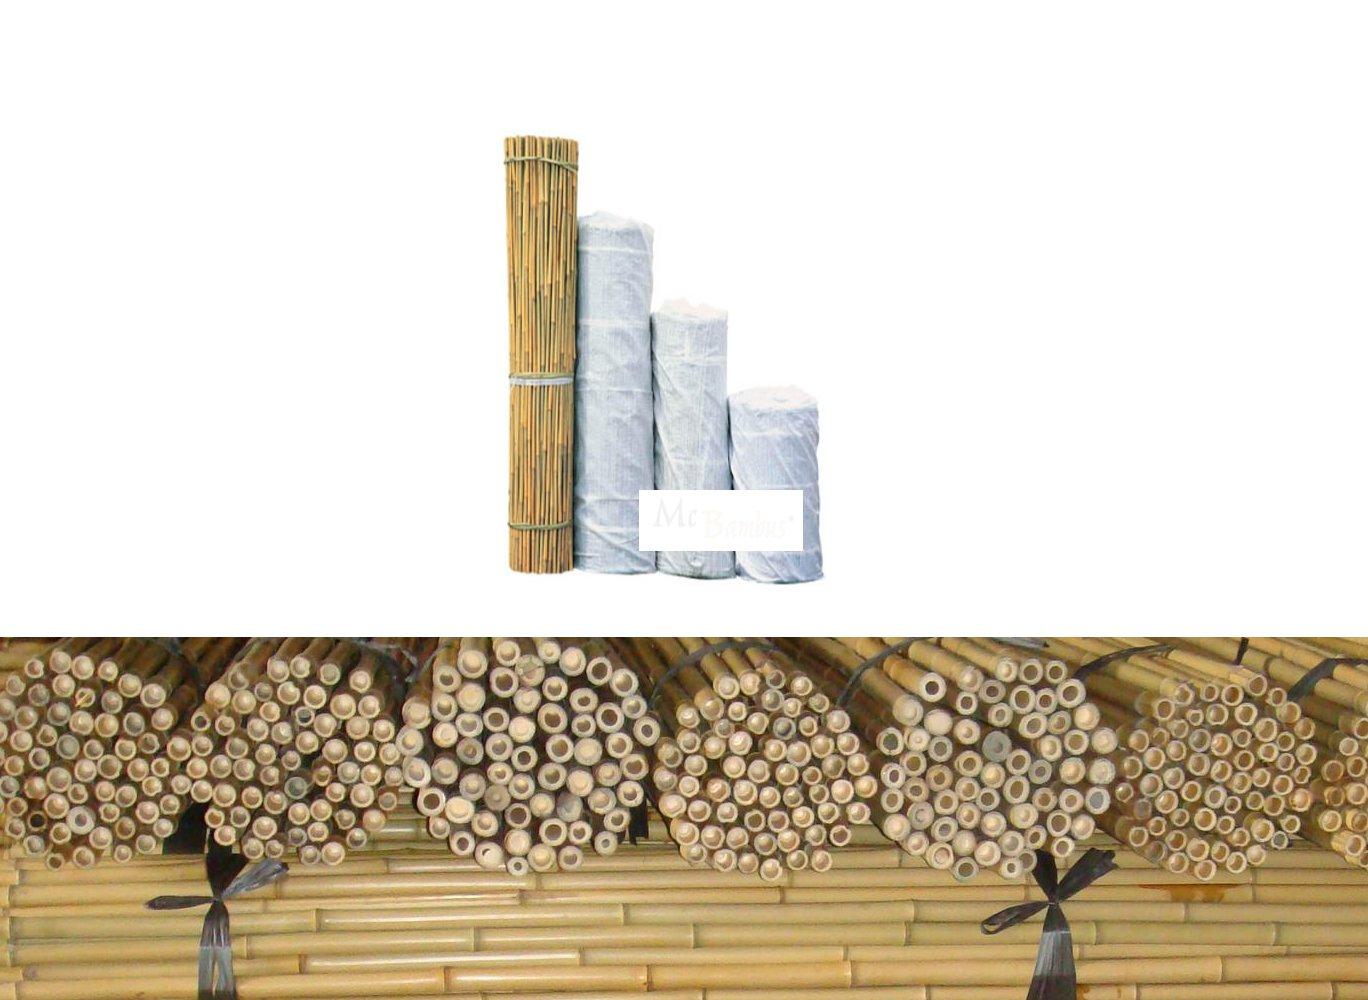 Bambusrohr Bambusstange Bambushalm Bambus Bambusrohre 10 x 2-3 x 3 m 20-30